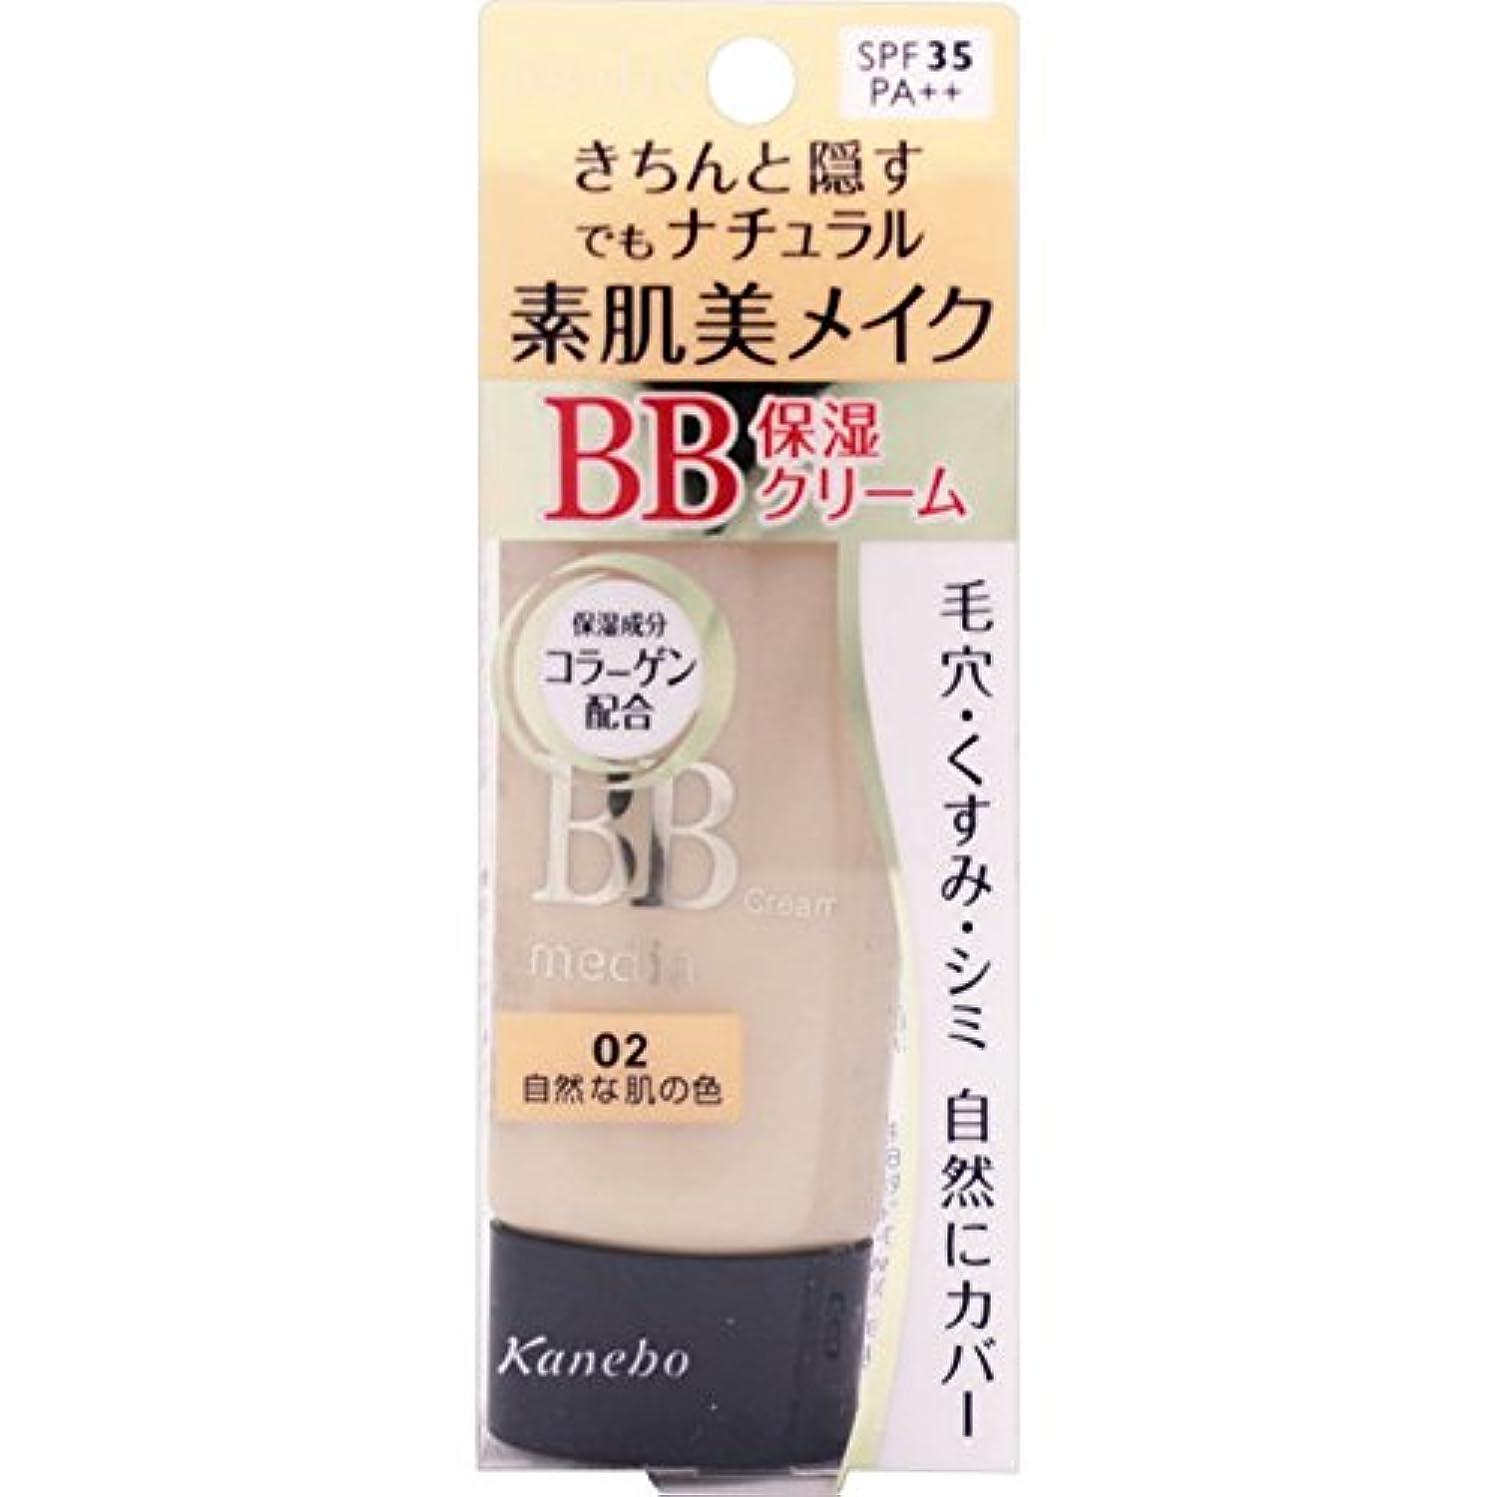 羨望織る味付けカネボウ メディア BBクリームN 02 SPF35?PA++